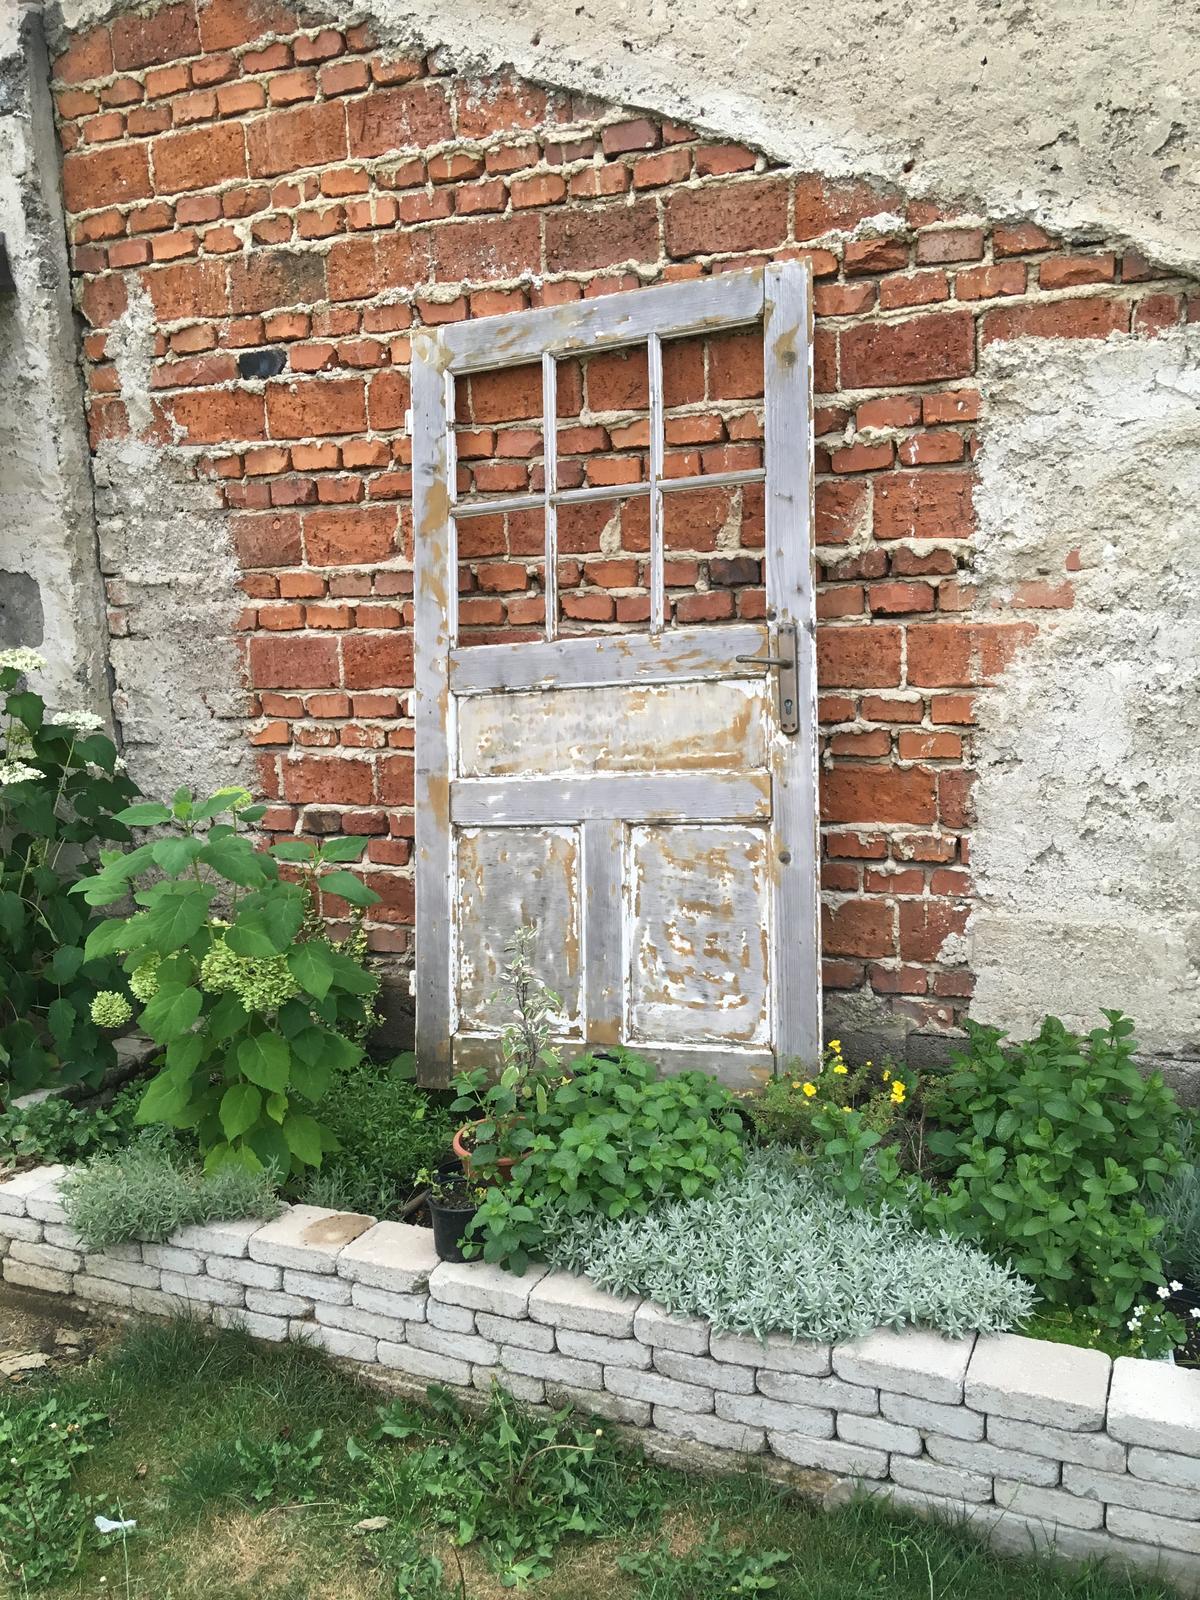 Projekt - záhrada ;-) - Romatická divočina :D všetky rastlinky posadené aj s kvetináčmi, aby sa dali preniesť pri sťahovaní